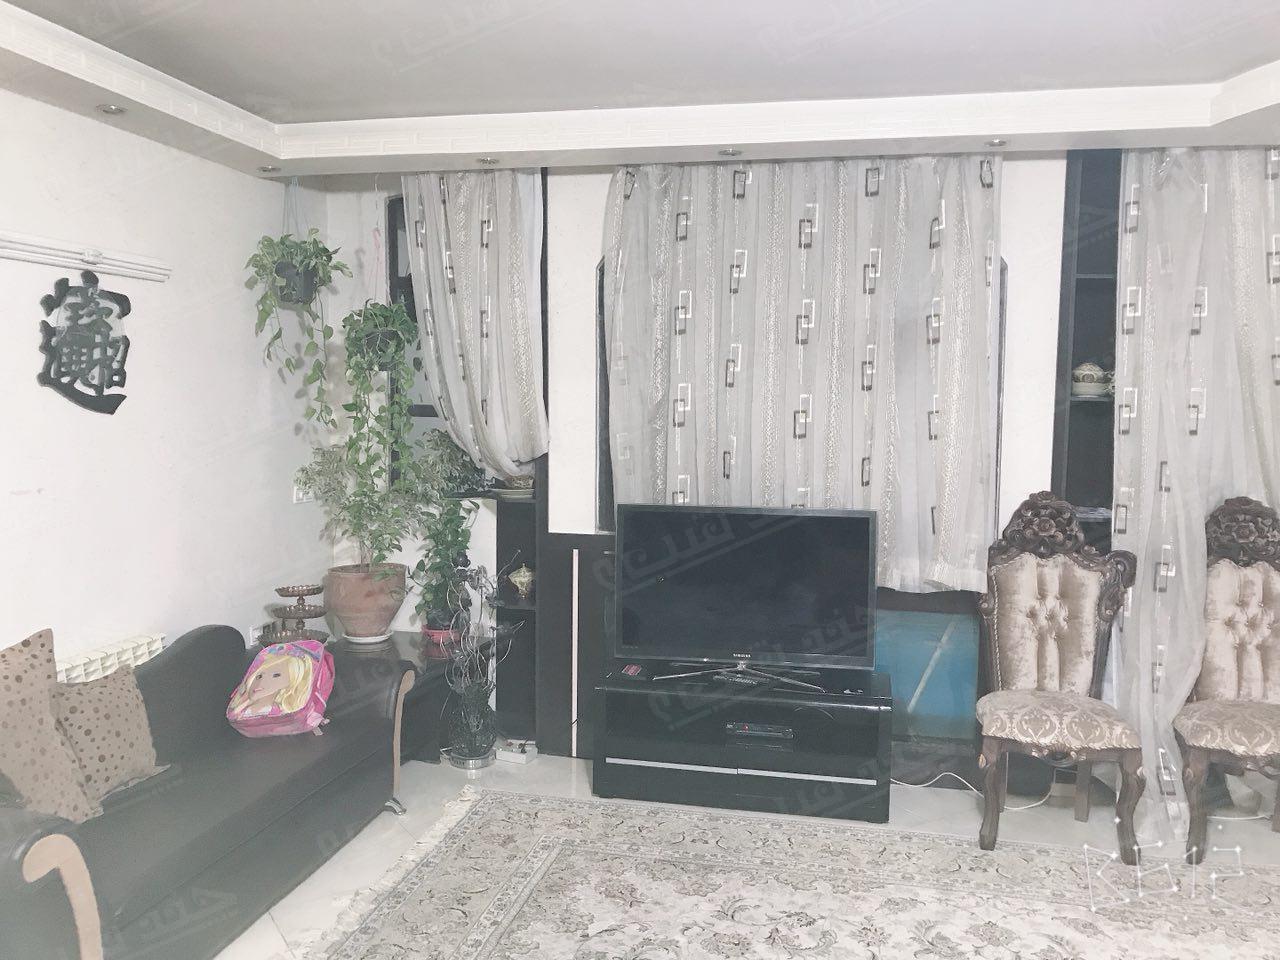 اجاره منزل مبله در اصفهان قیمت مناسب - 223